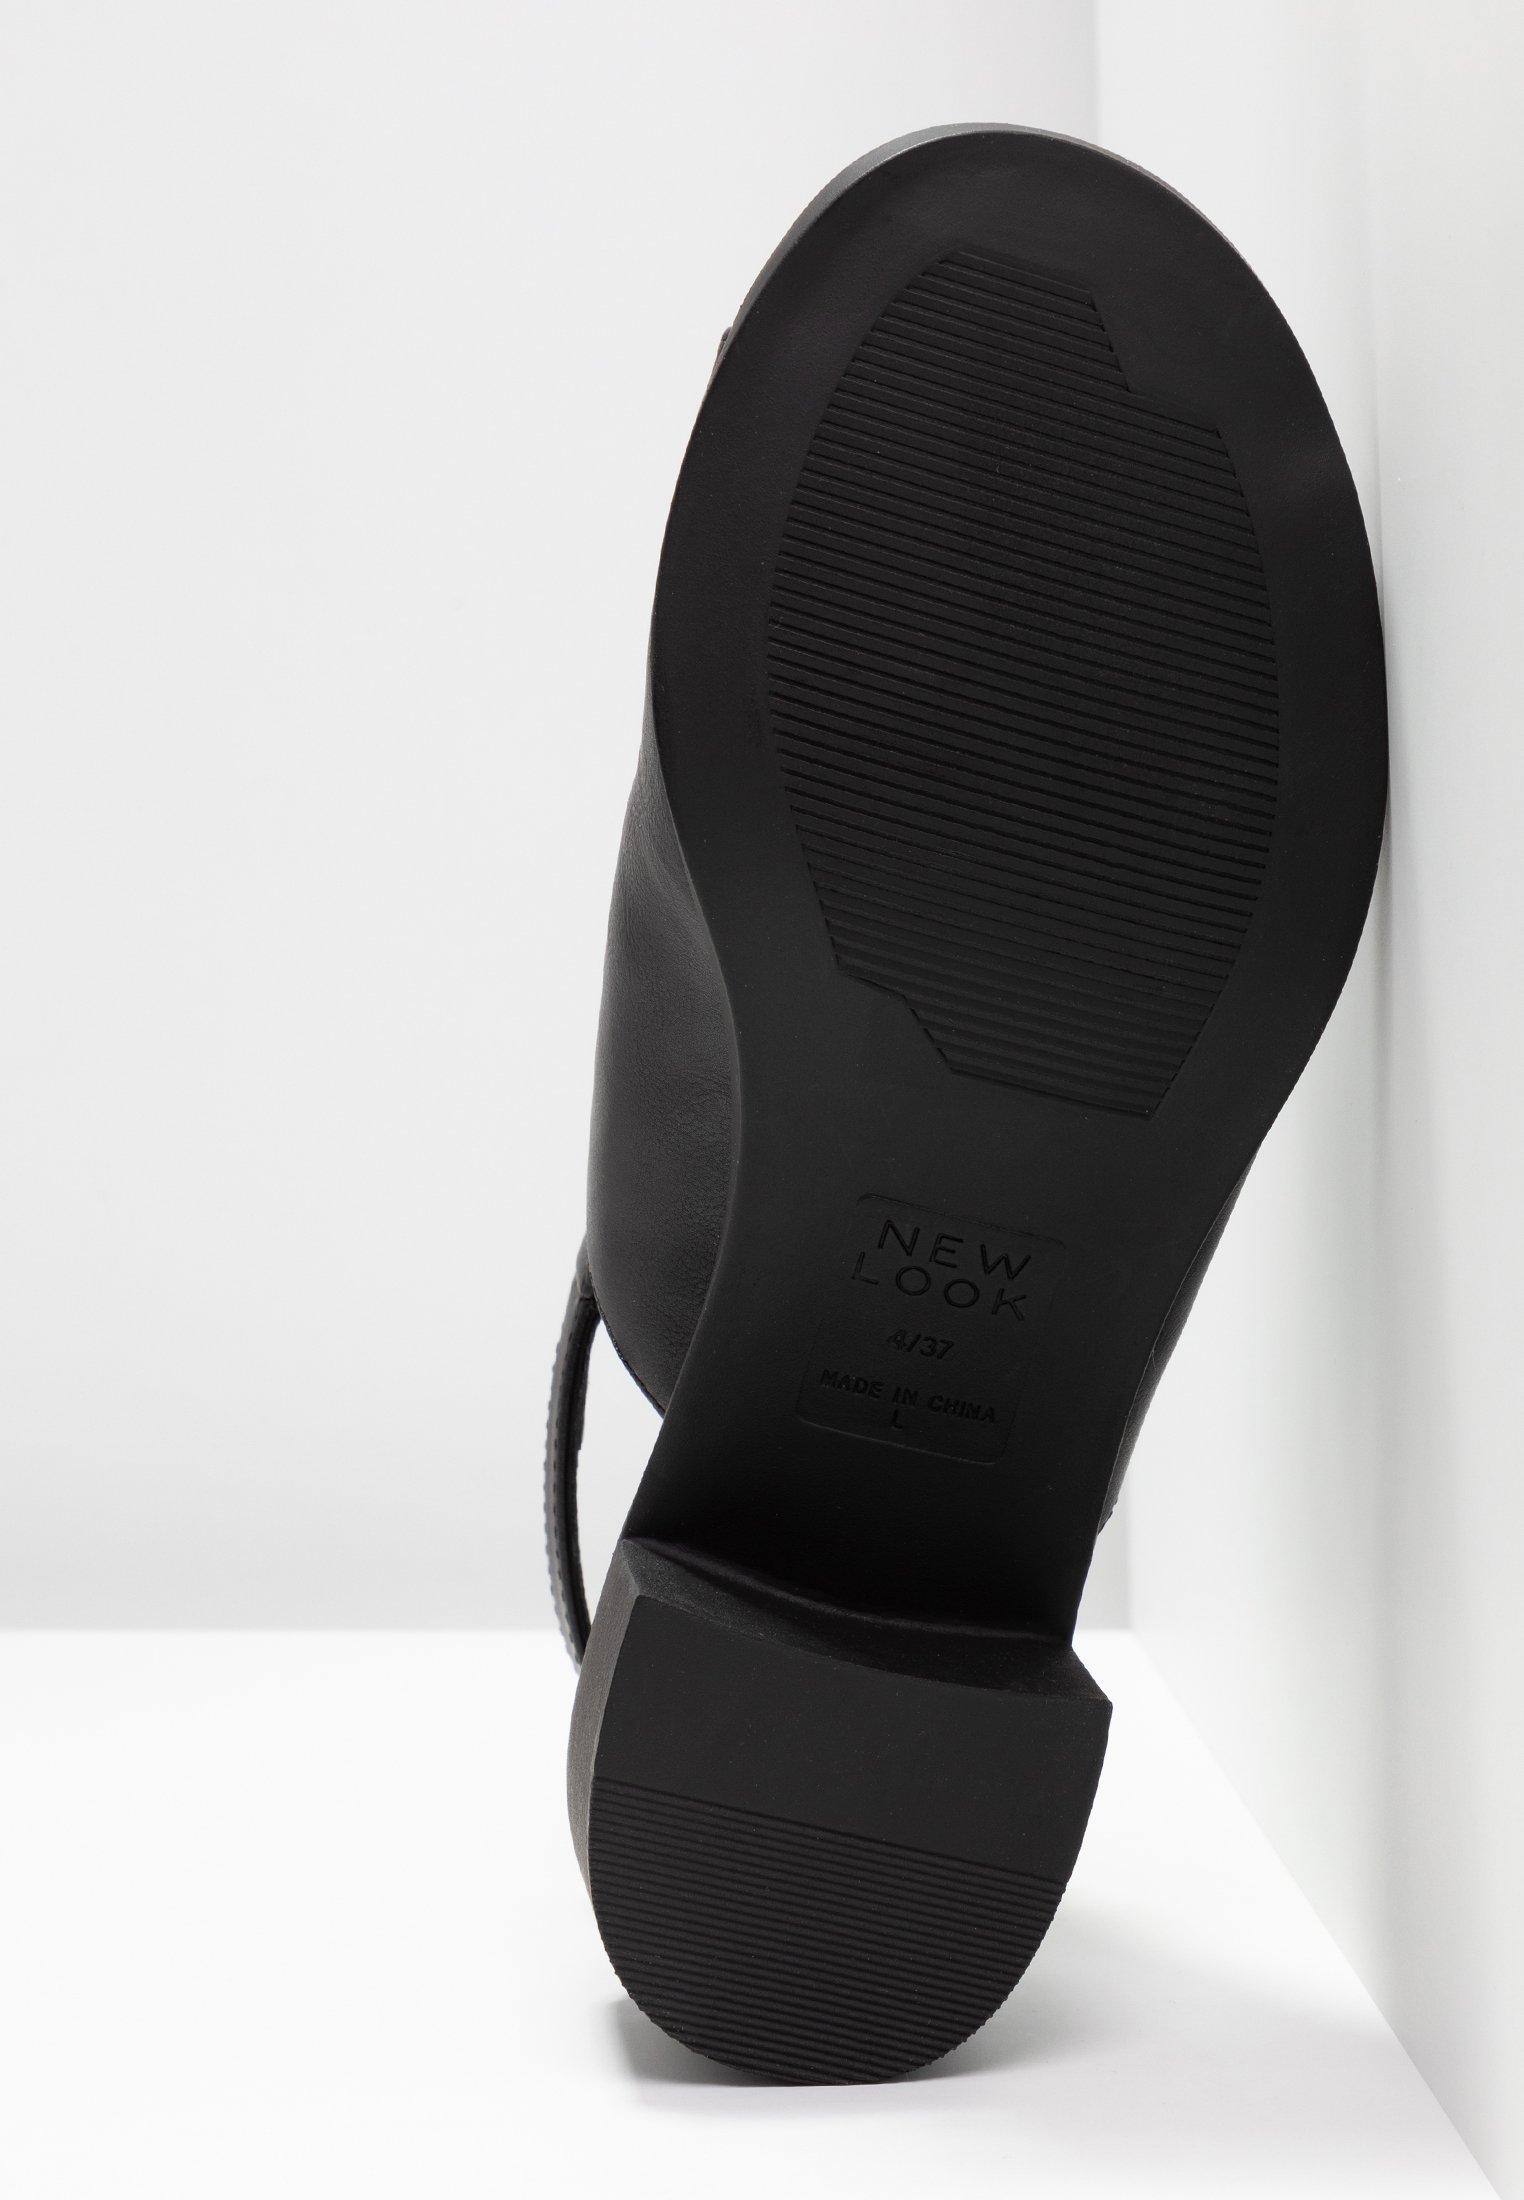 New Look Pig - Sandales Black